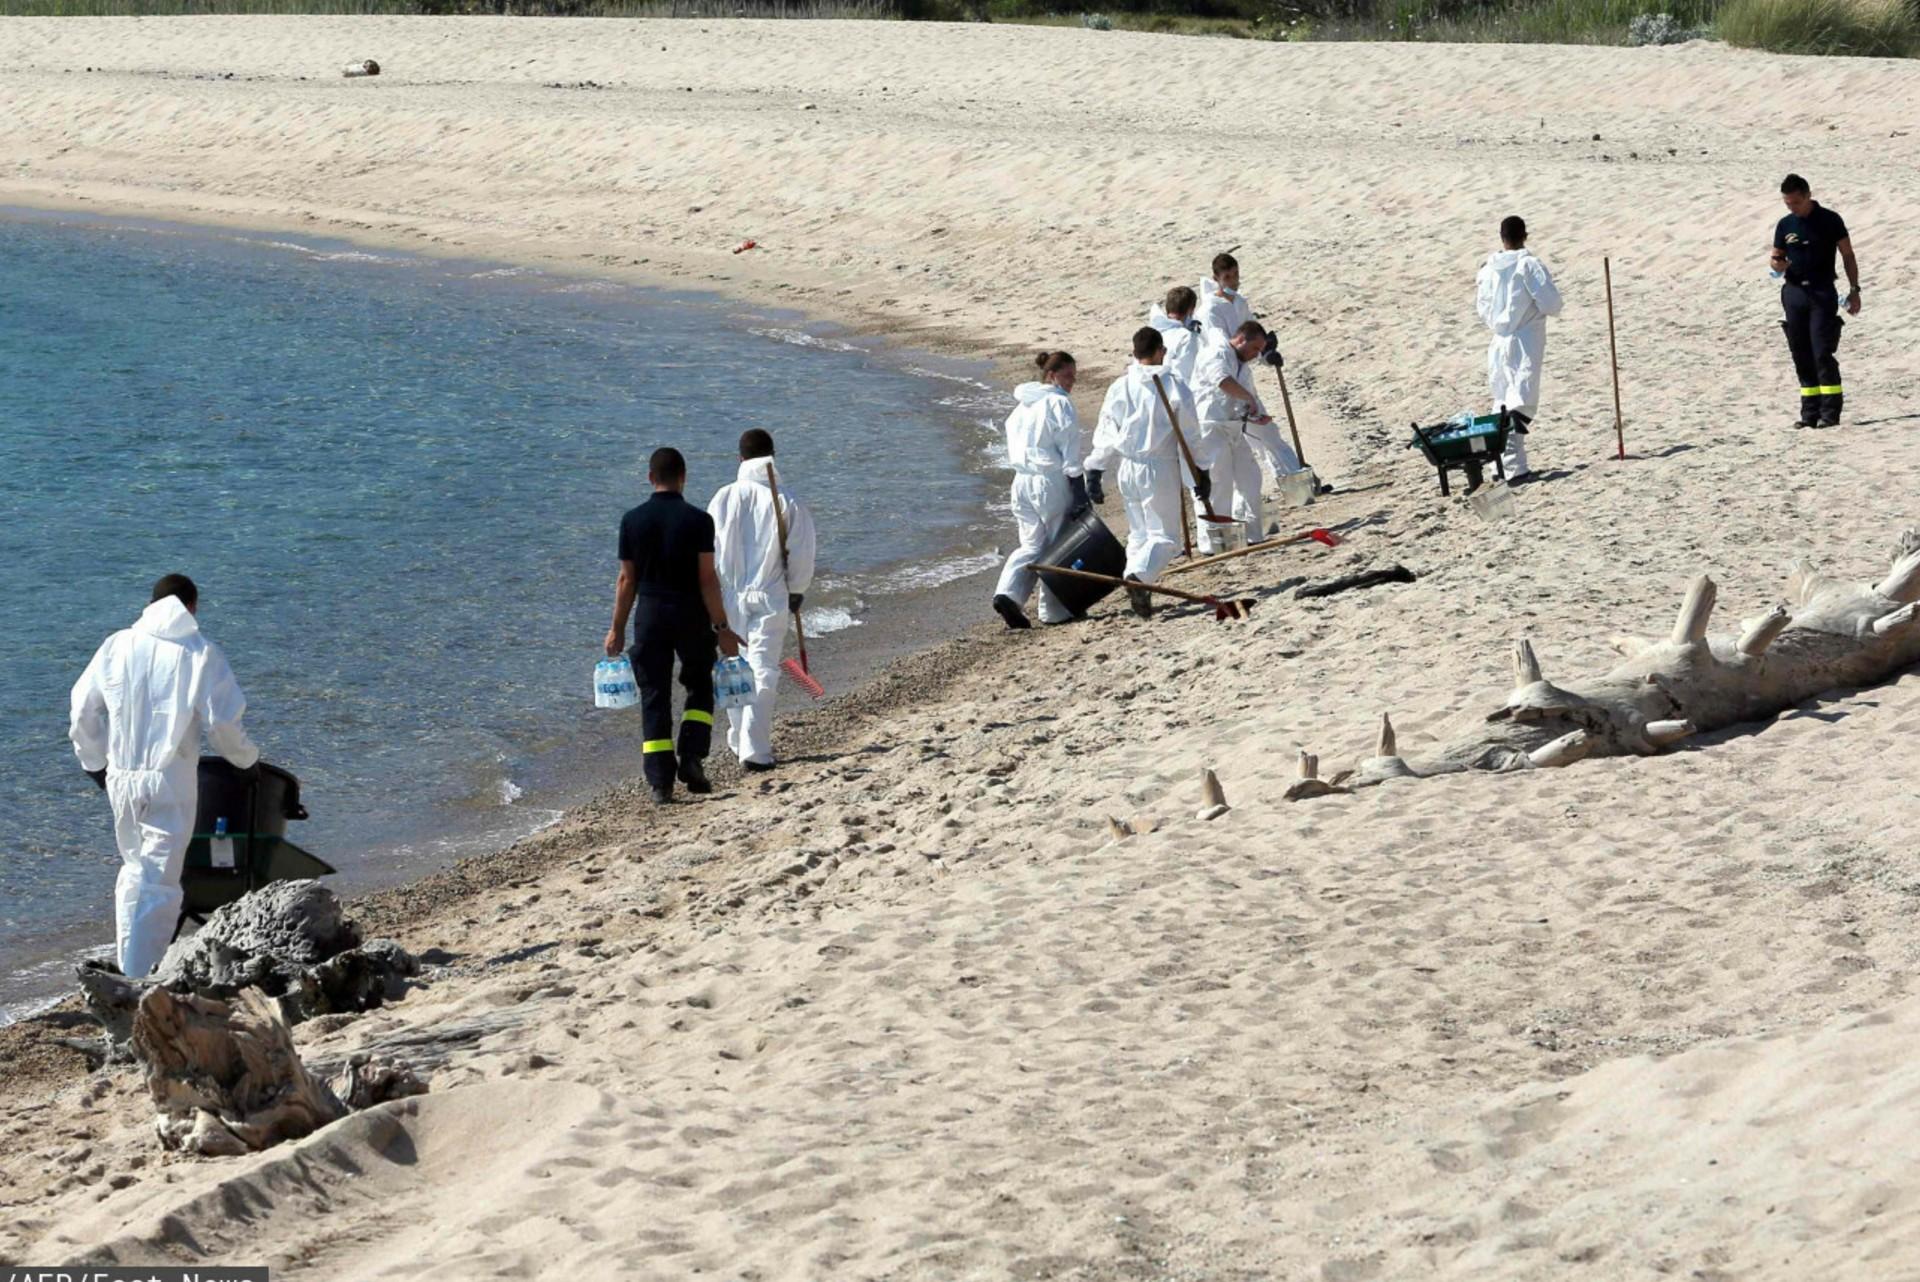 Plaże Korsyki są zamykane, trwa sprzątanie plam ropy